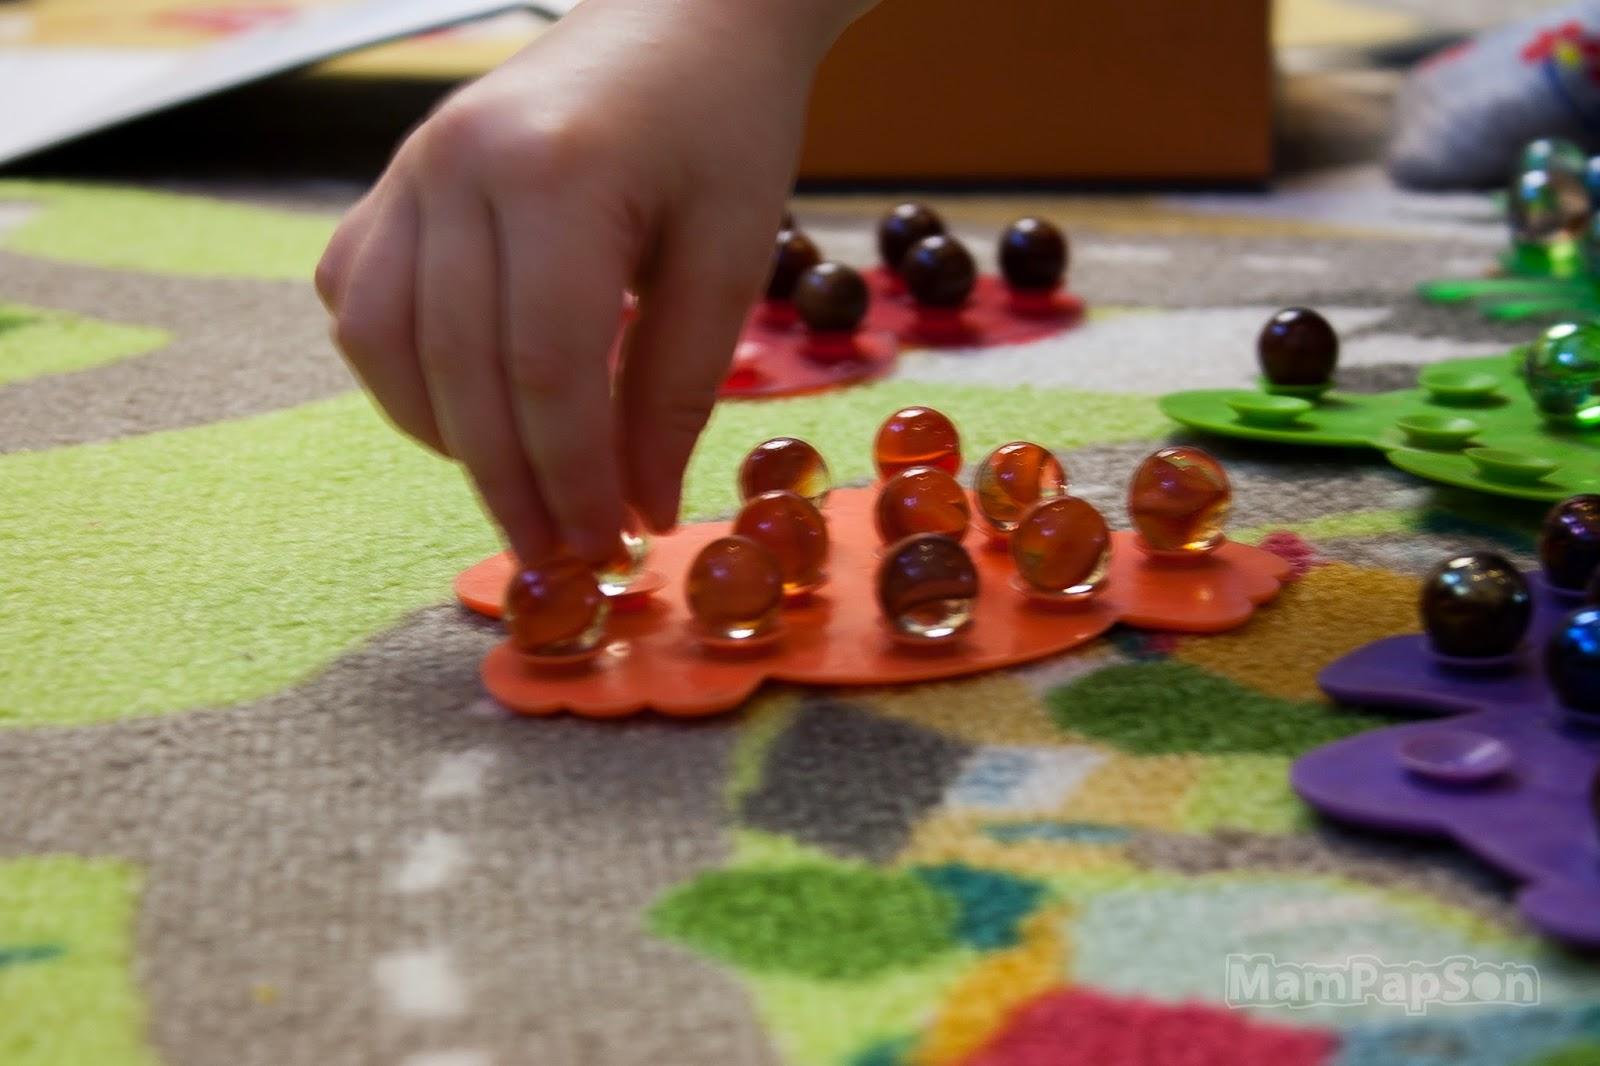 Сортировка шариков по силиконовым коврикам